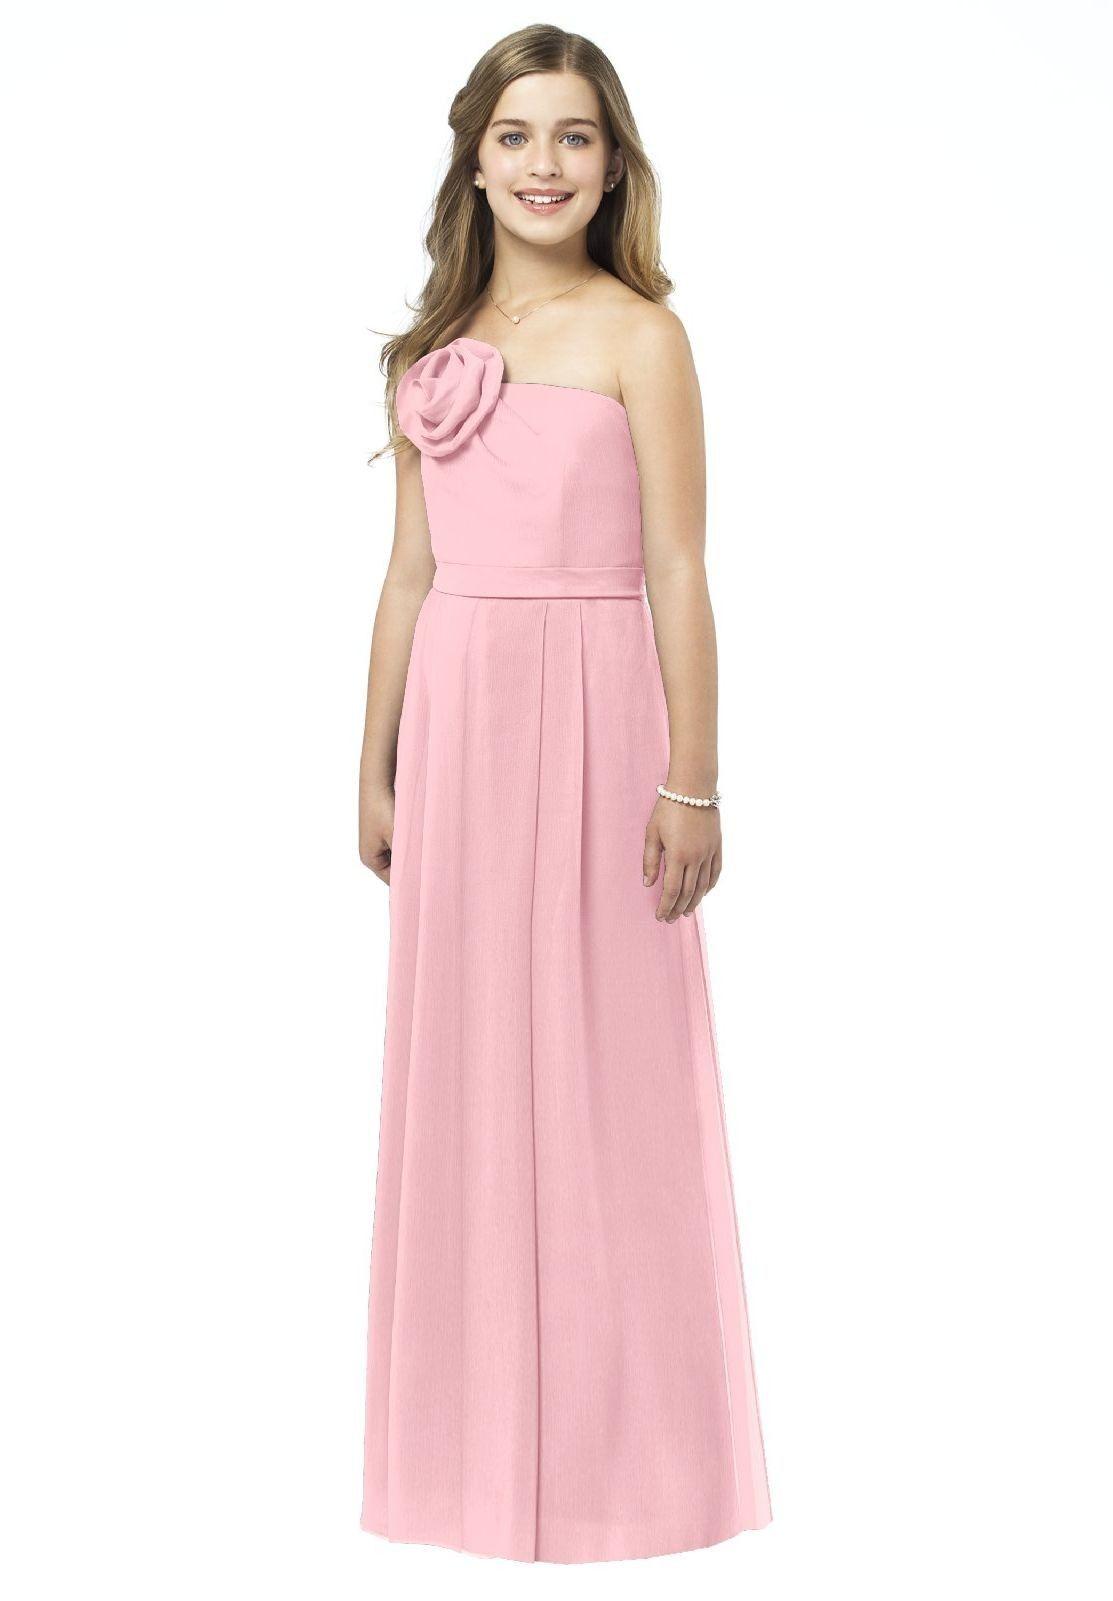 Junior Bridesmaid Dresses Ireland | Top 50 Junior and Childrens ...